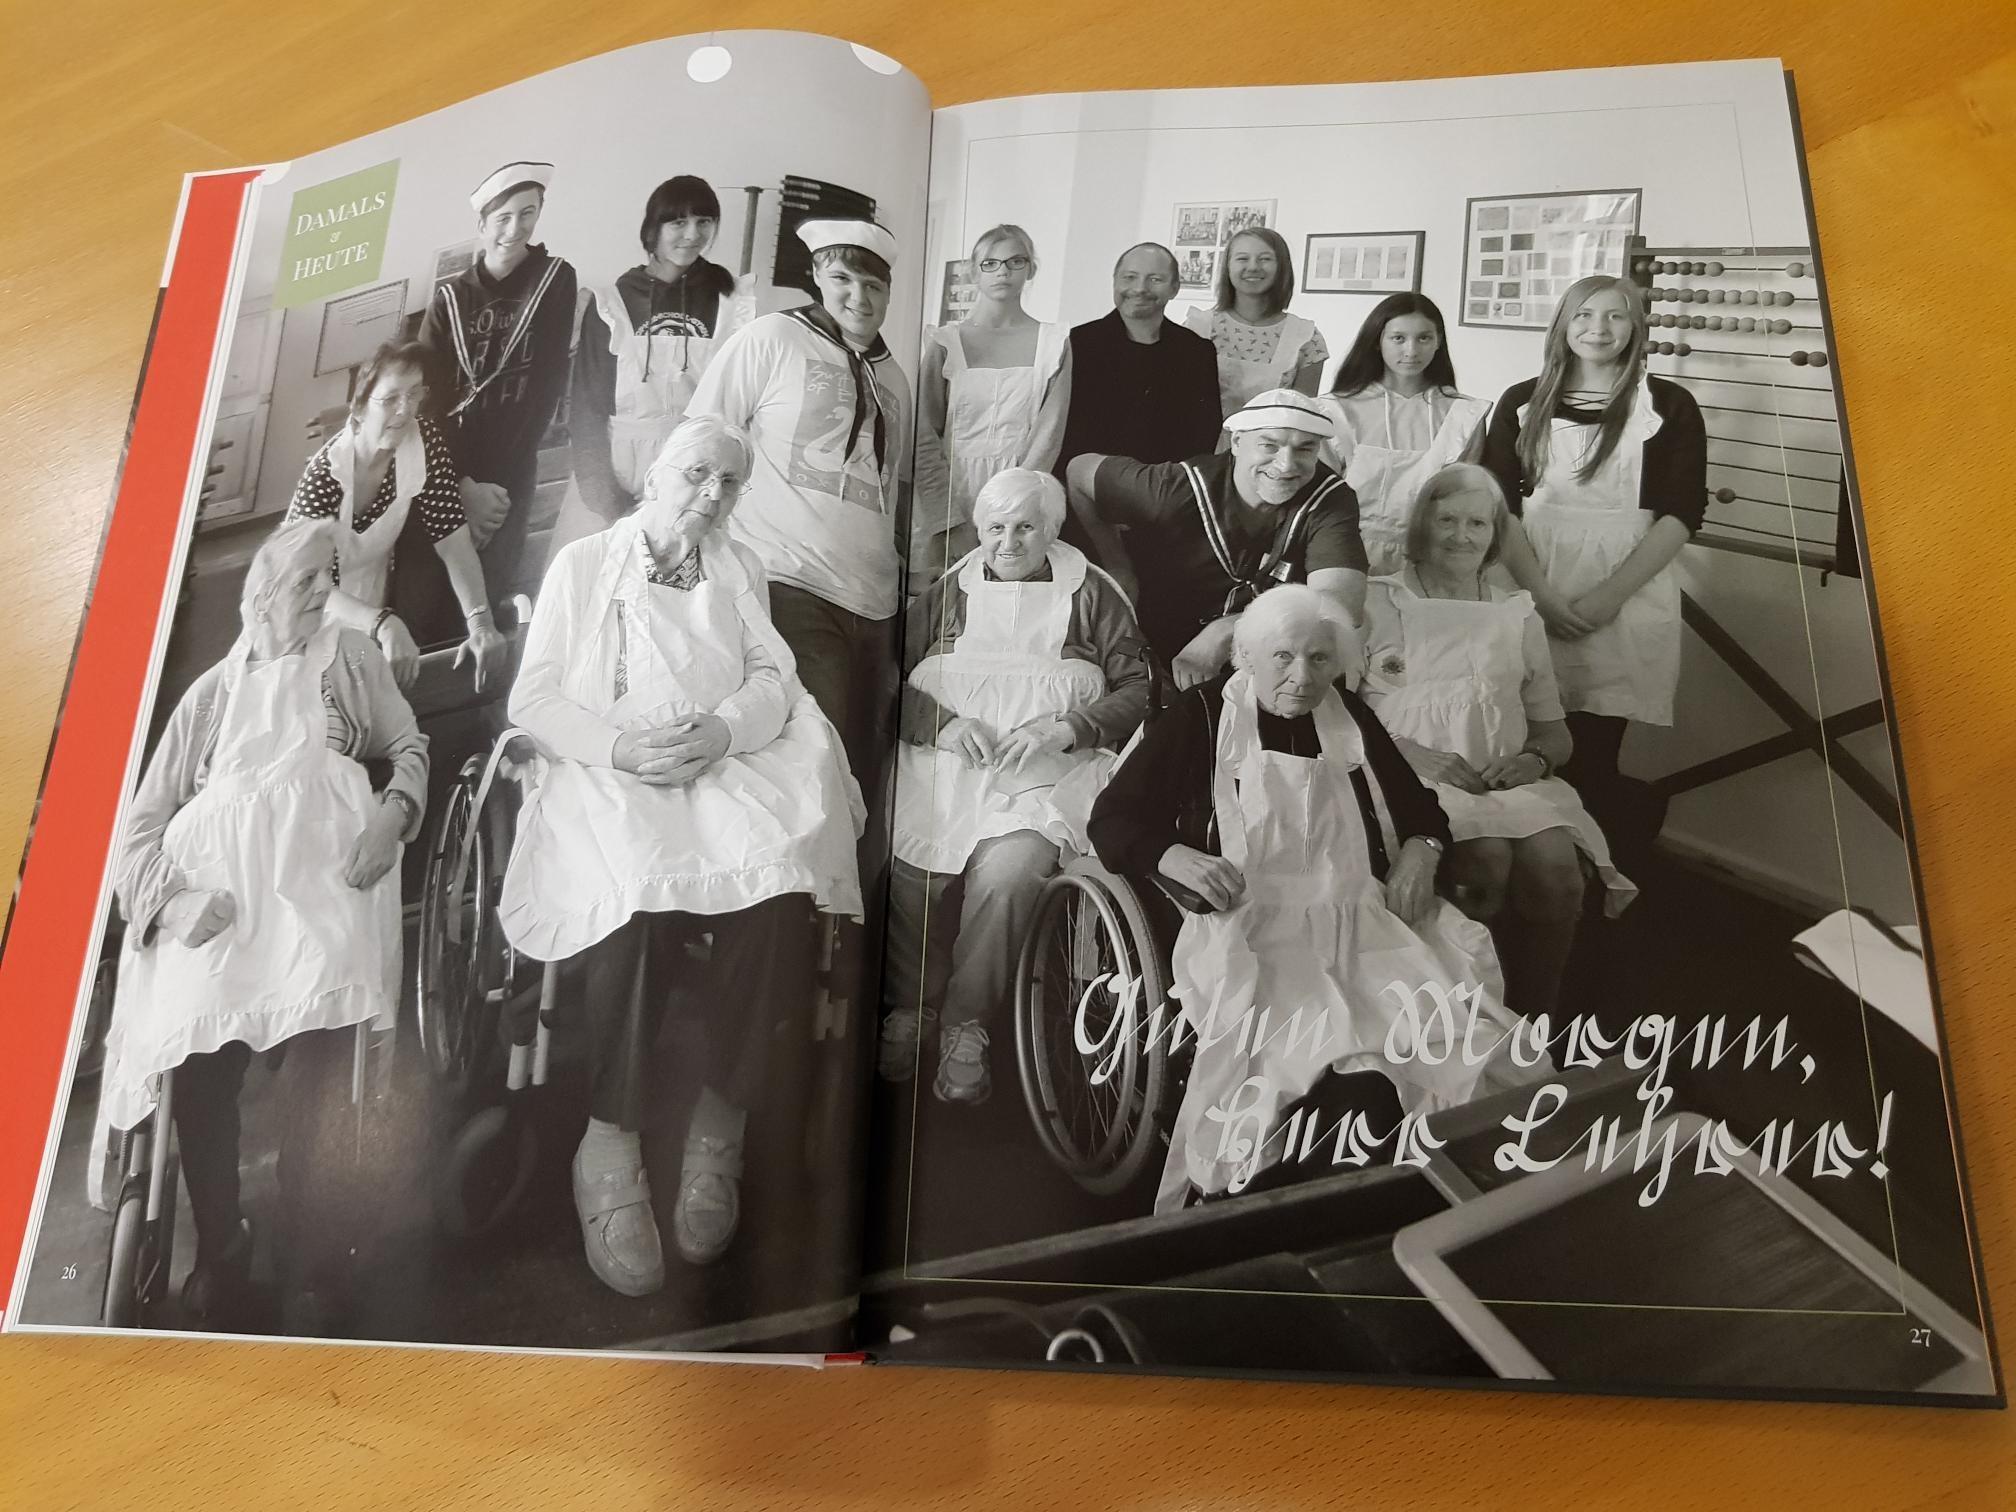 Buch aufgeschlagen Bild in schwarz-weiß zeigt jugne Leute und Rentner.